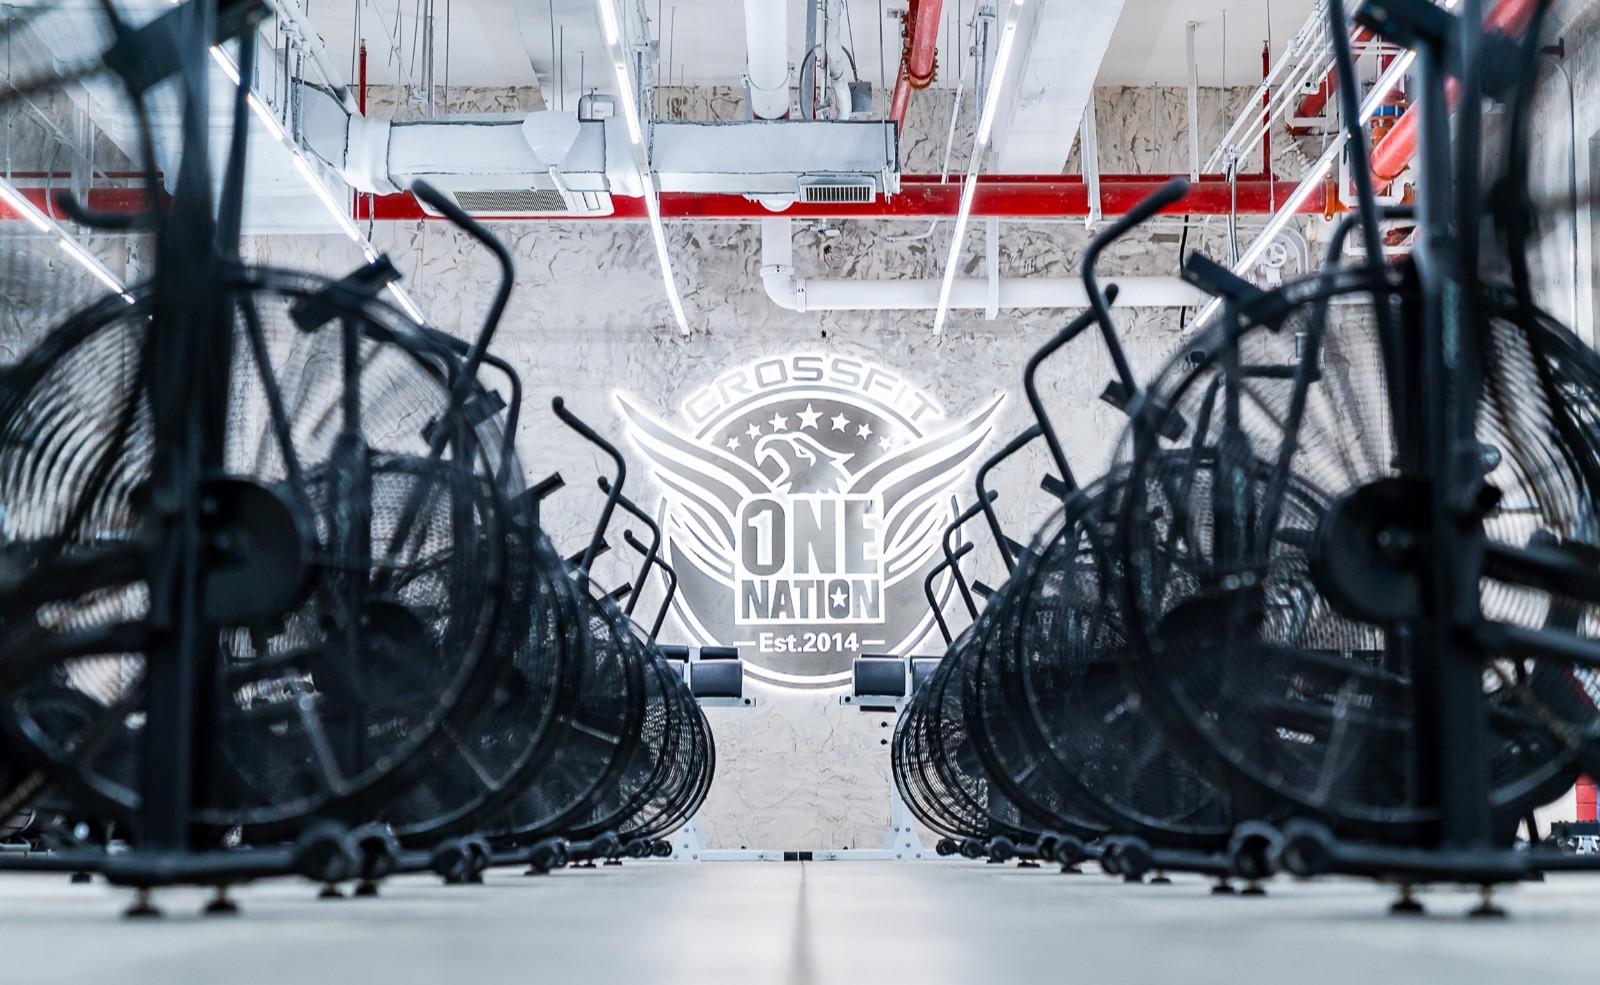 全立体育获数千万元Pre-A轮融资,做的是CrossFit场馆及赛事运营 | 创业熊